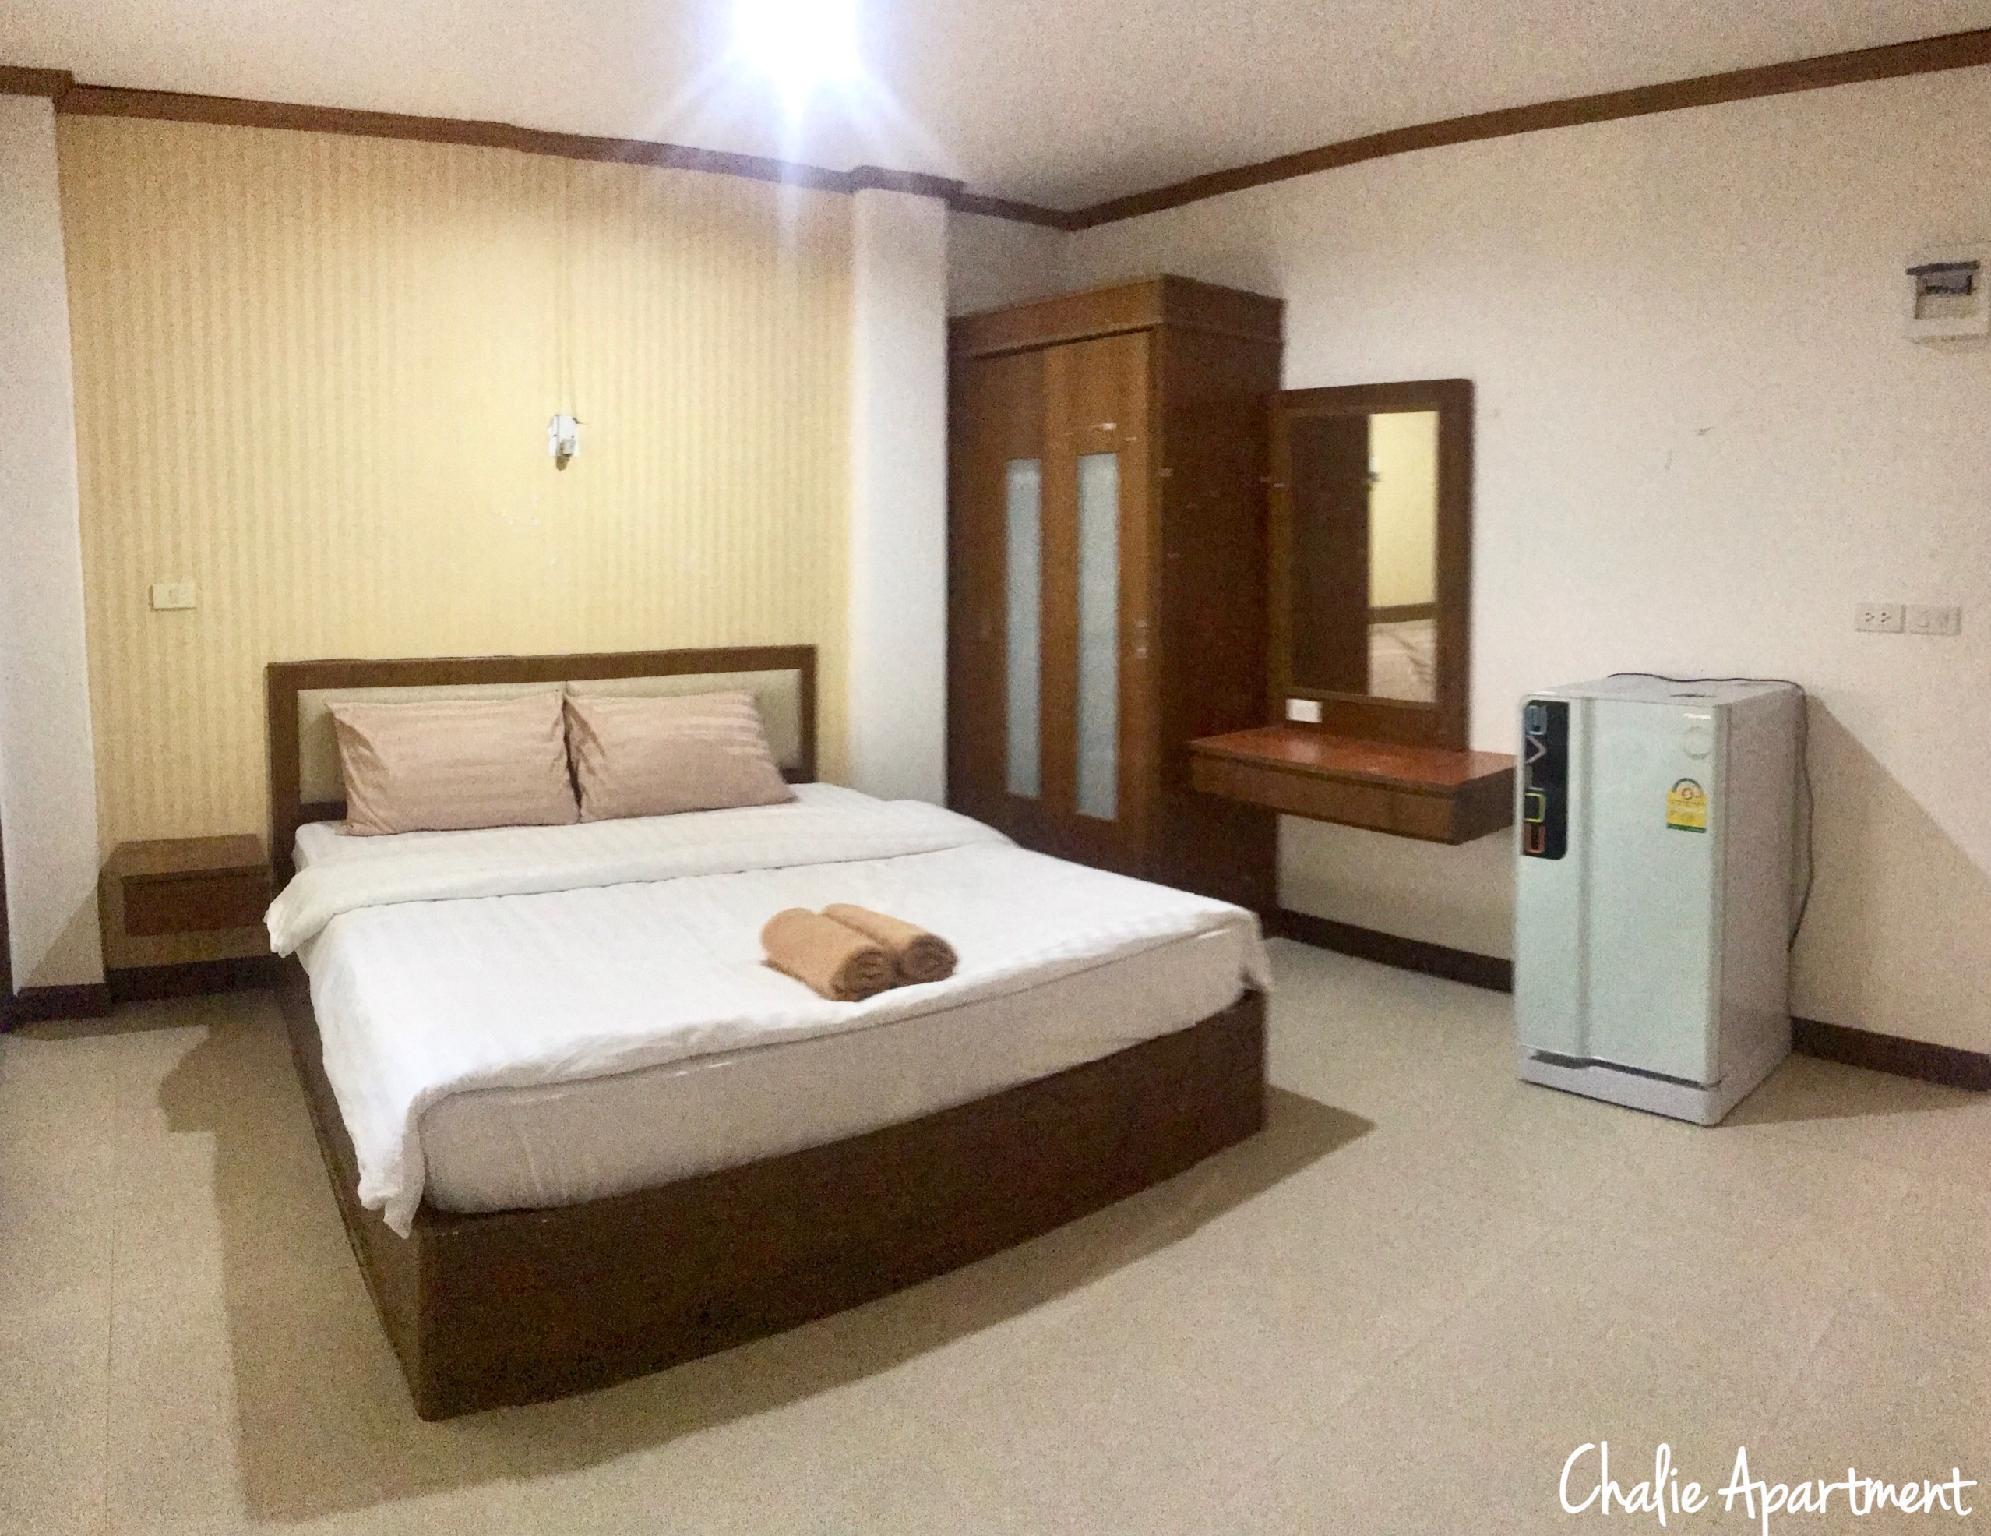 Chalie Apartment Dannok